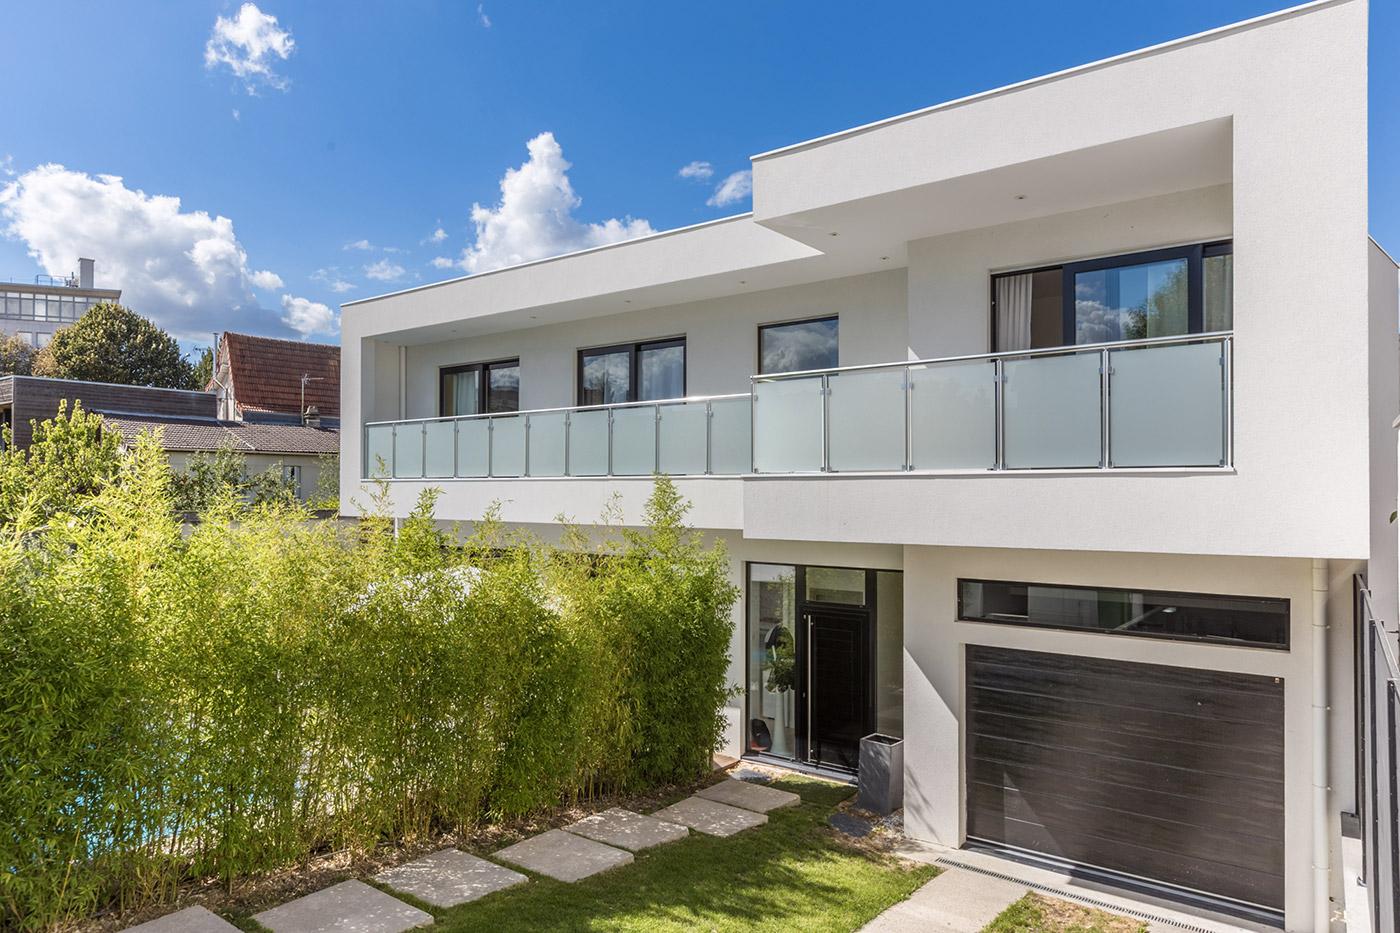 Architecture pur e et design minimaliste pour une maison for Architecture maison